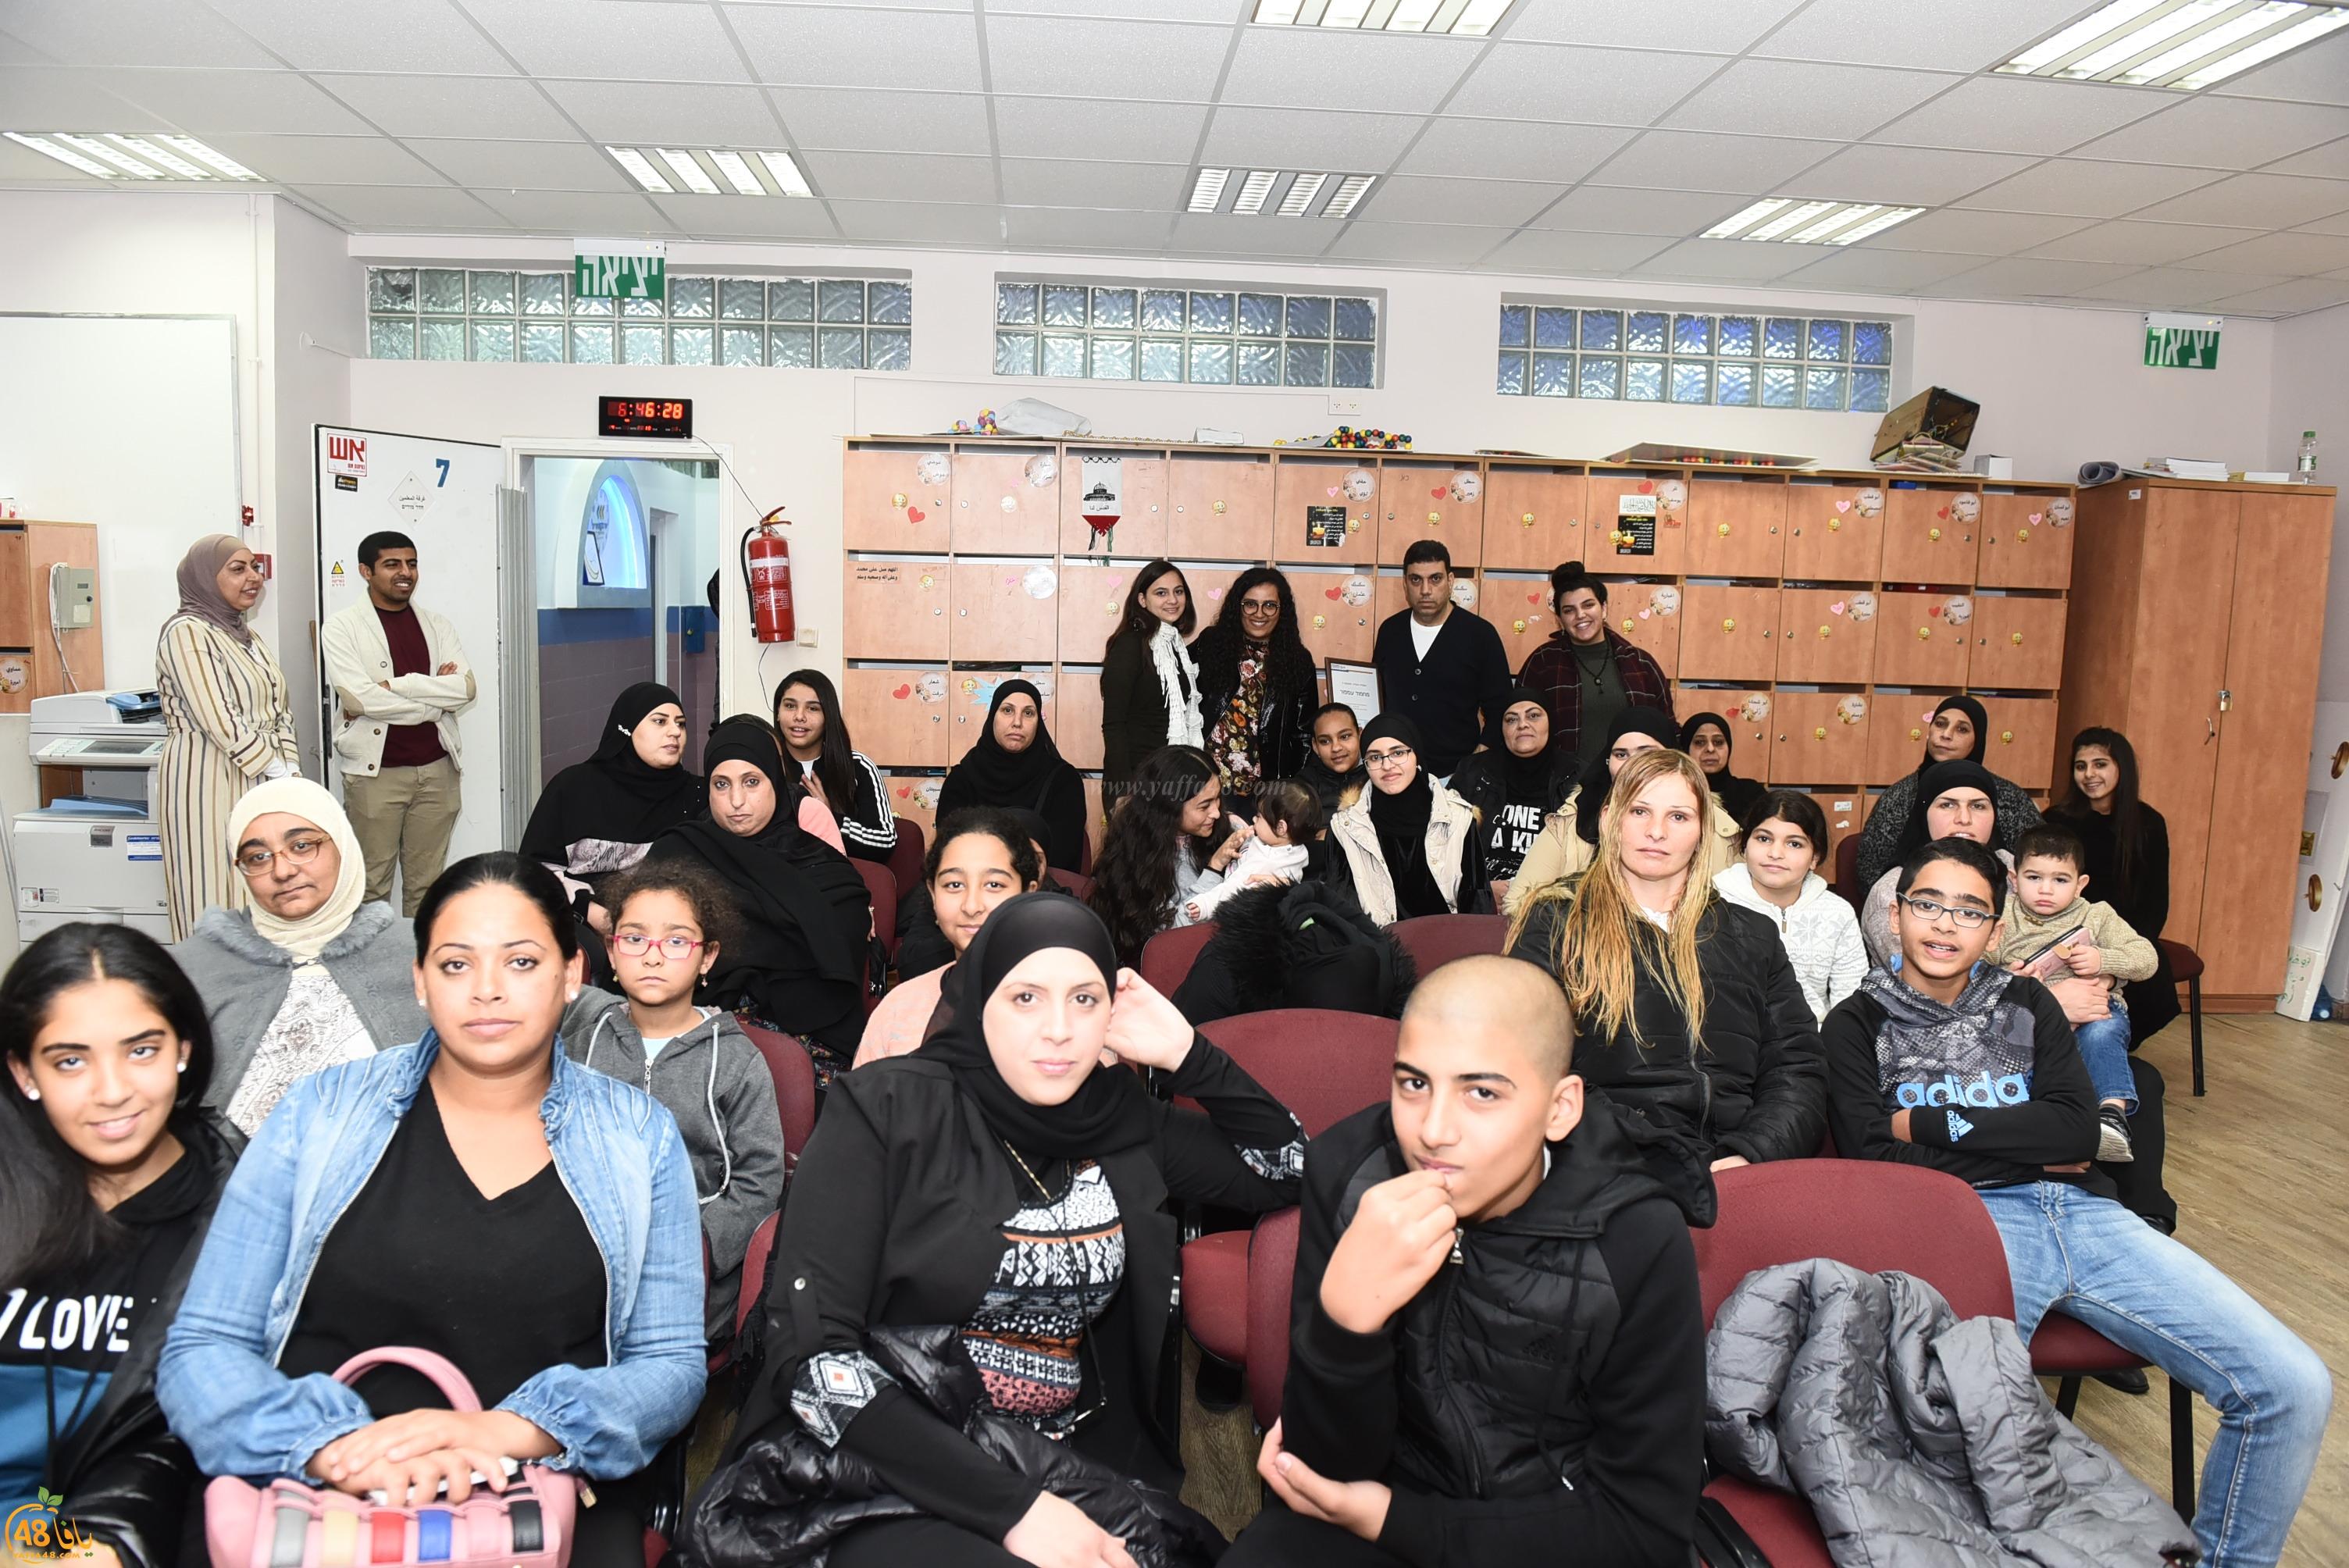 اجتماع للاهالي والطلاب ضمن مشروع التعليم الى القمم بيافا